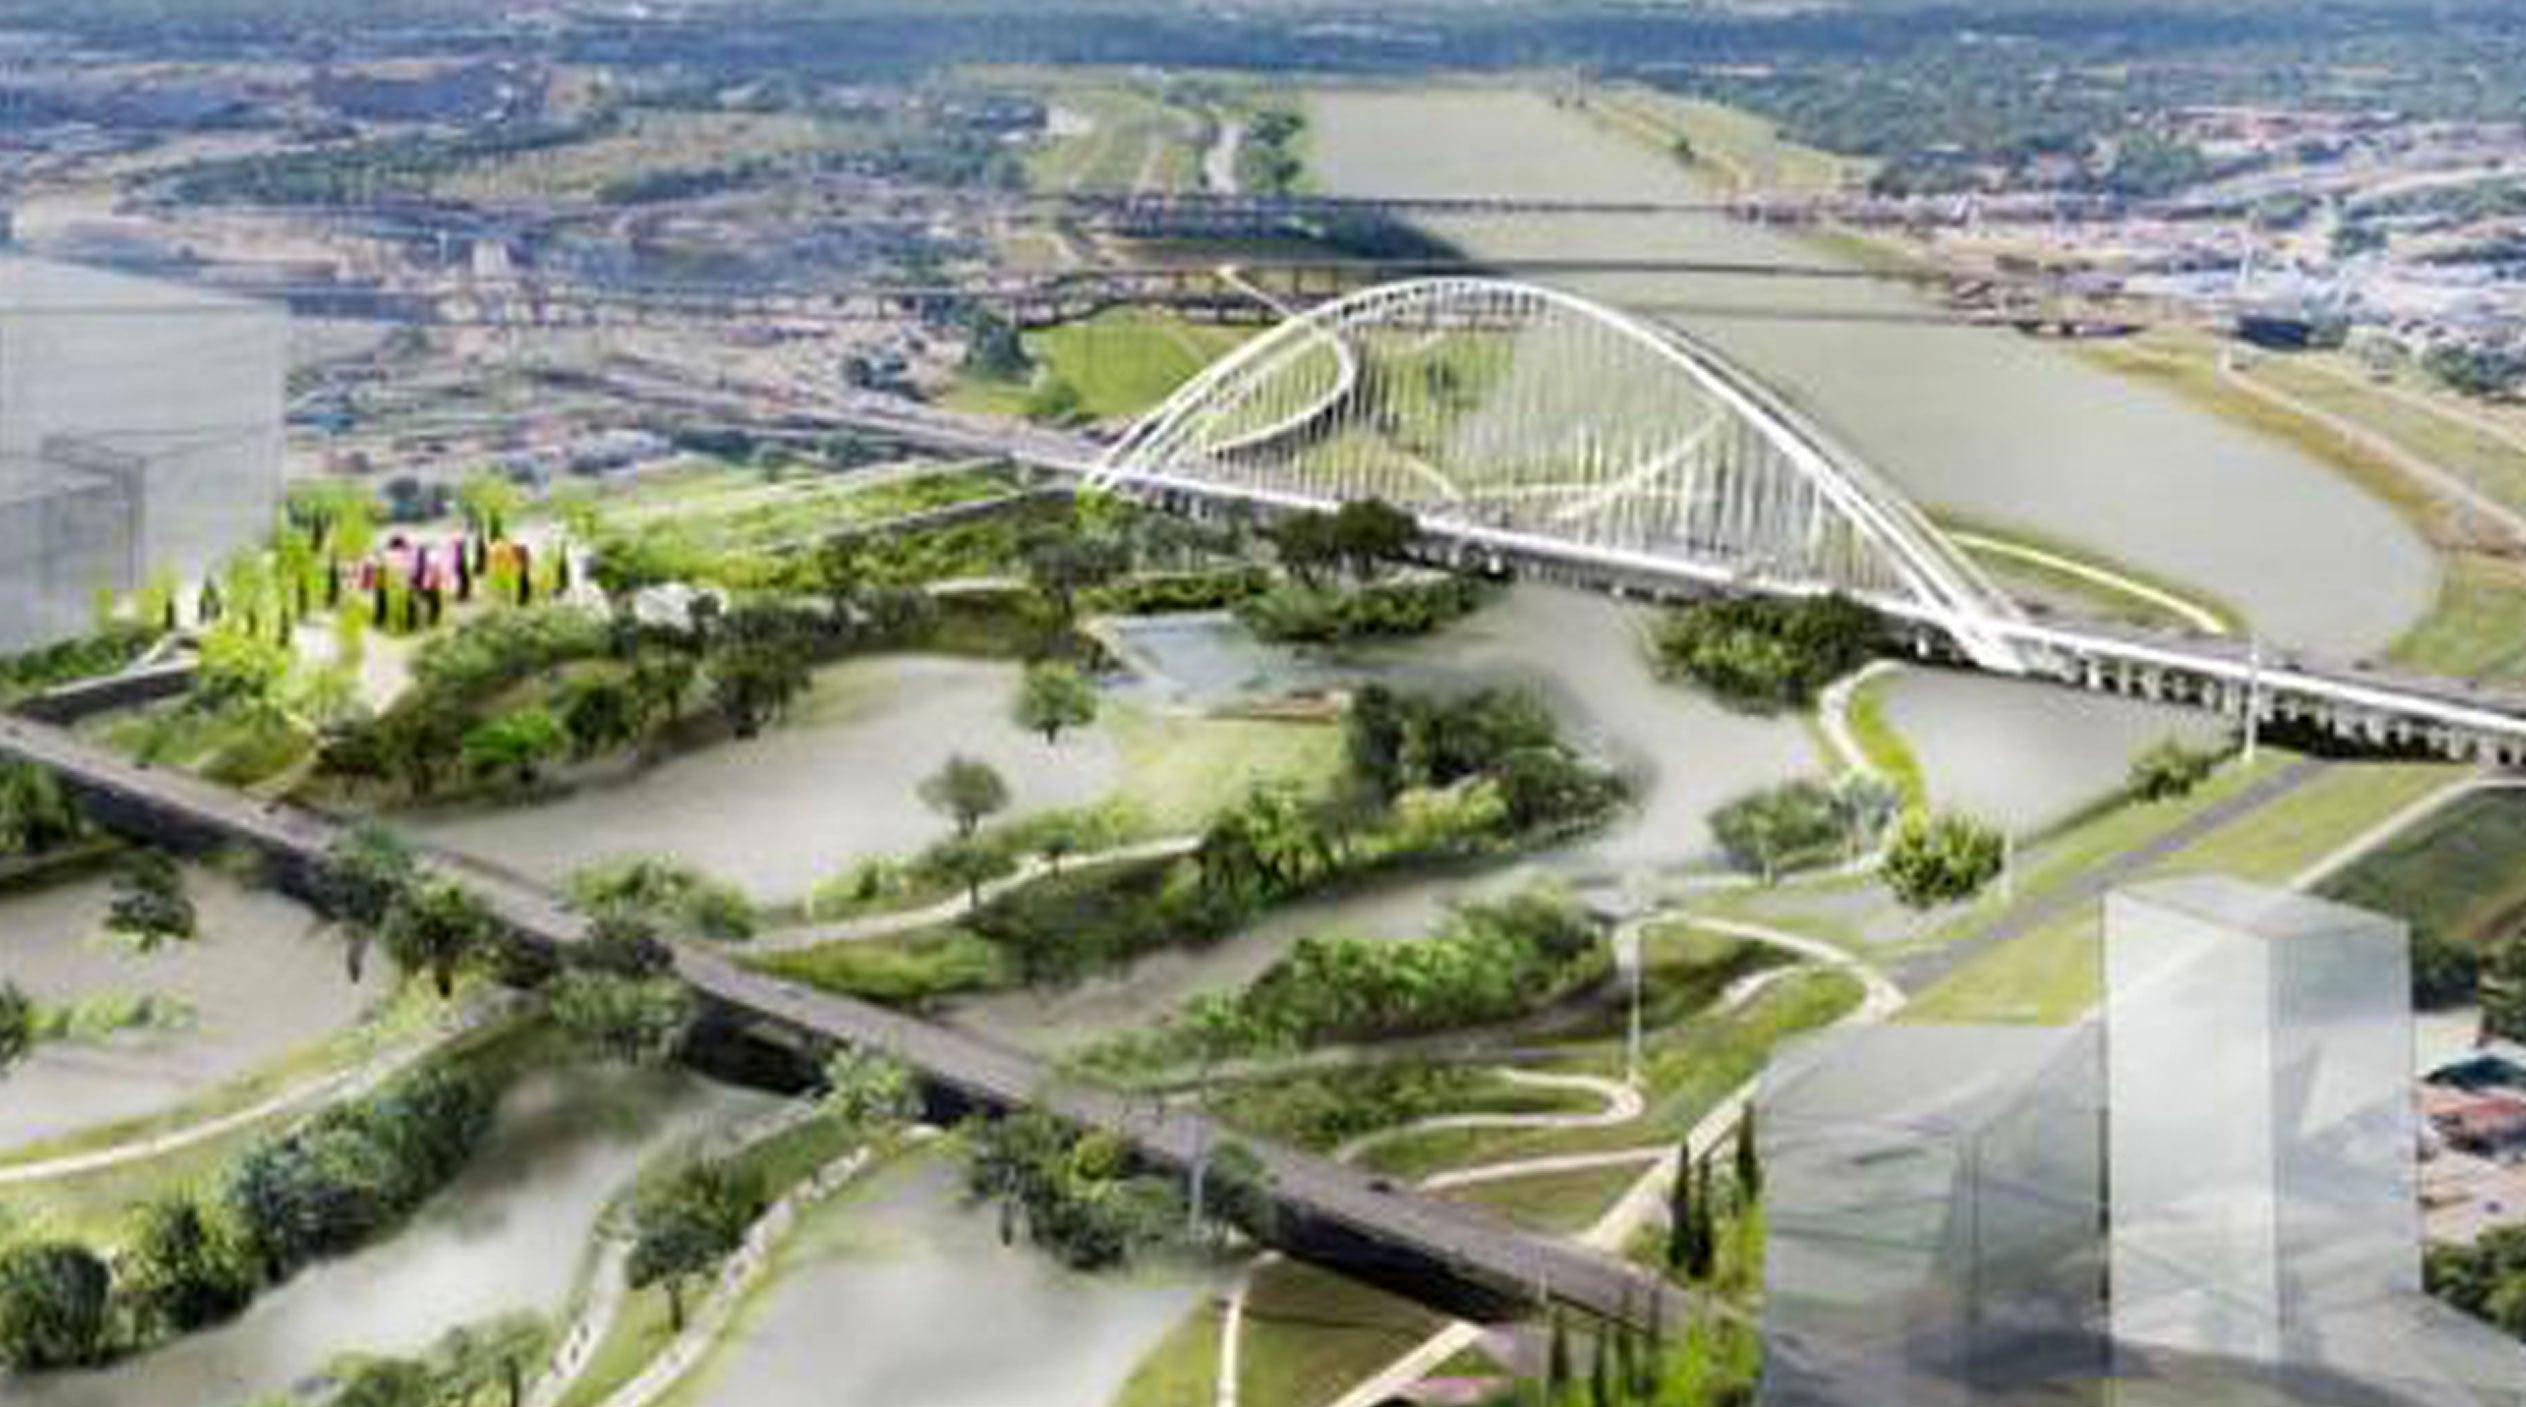 Dallas construirá el parque urbano ecológico más grande del país